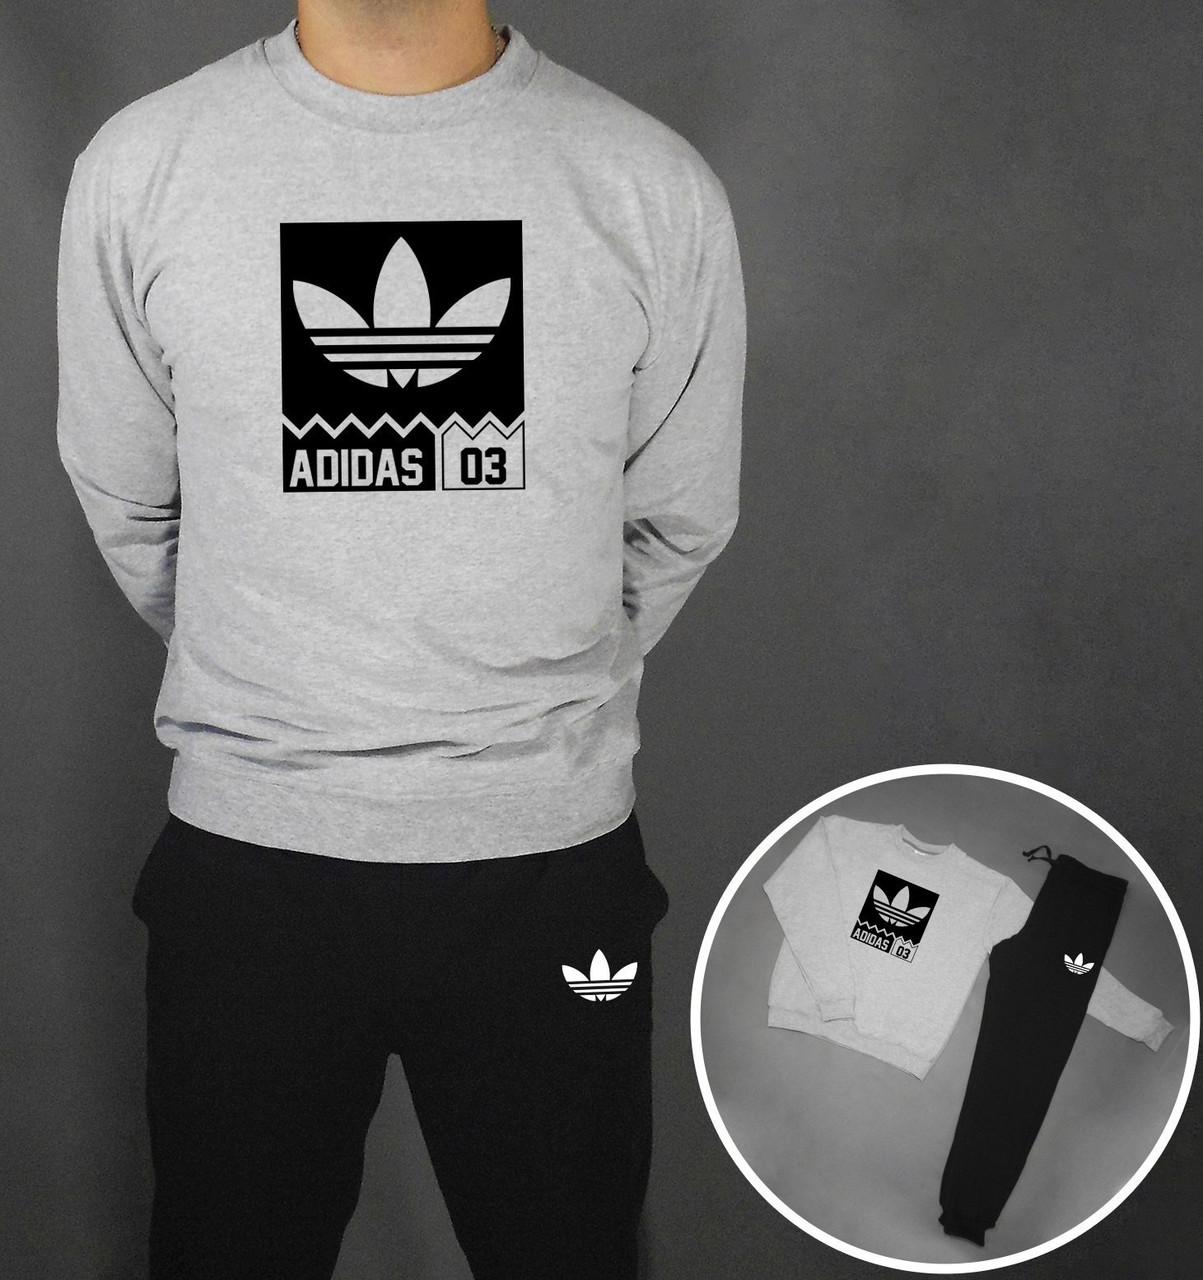 Мужской Спортивный Костюм Adidas Серо-черный Топ Реплика — в ... 9fc6d4adf38